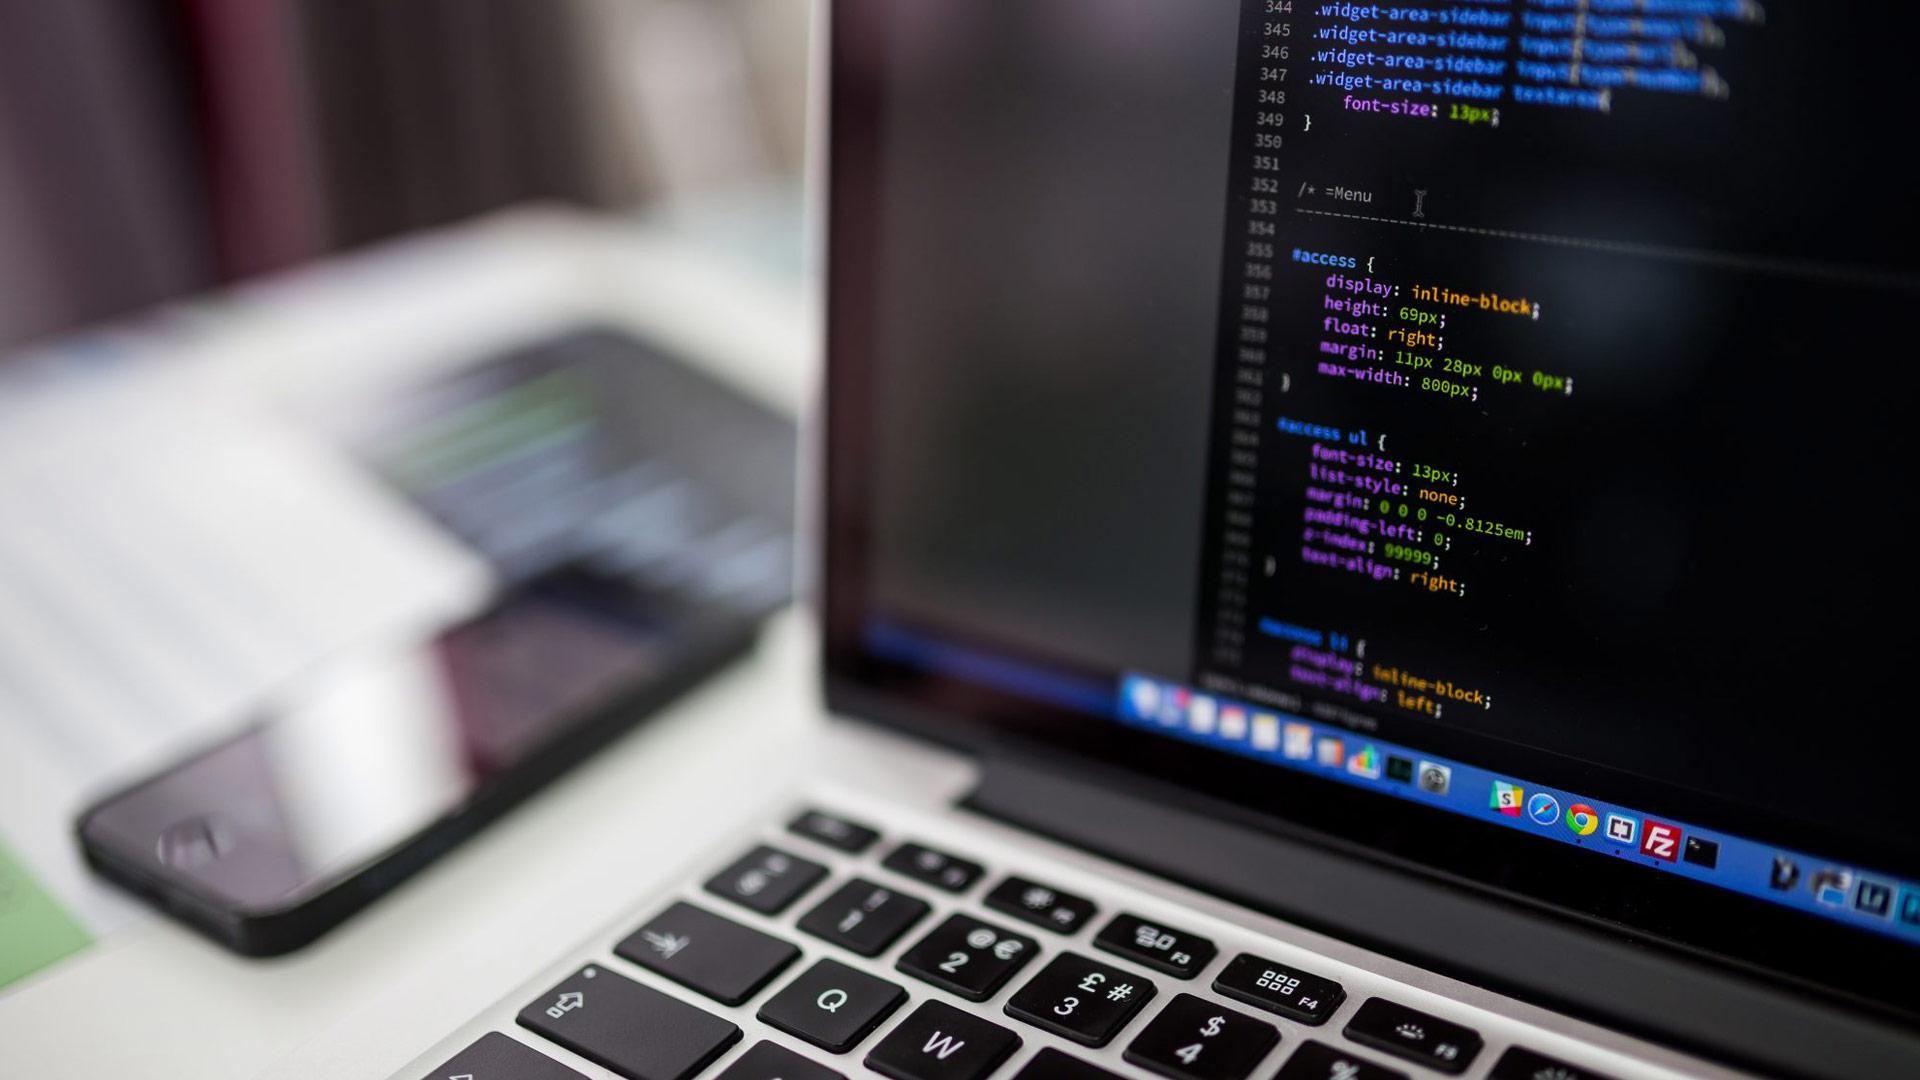 I linguaggi di programmazione utilizzati per la Sentiment Analysis